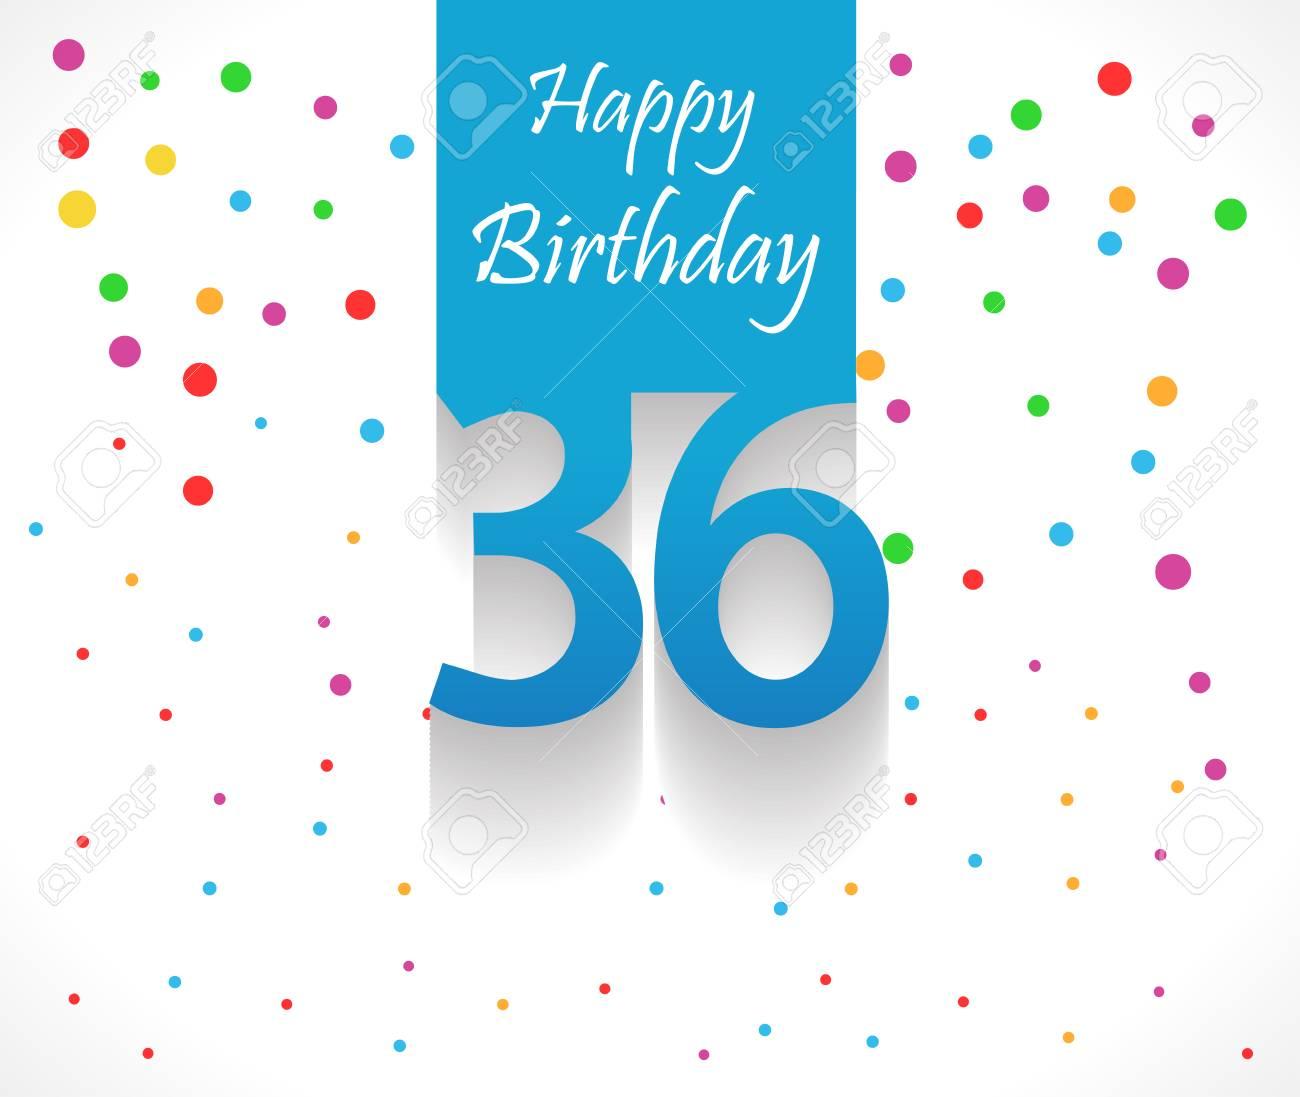 Fond De Joyeux Anniversaire 36 Ans Ou Carte Avec Des Confettis Colores Avec Des Pois Vecteur Eps10 Clip Art Libres De Droits Vecteurs Et Illustration Image 48624791